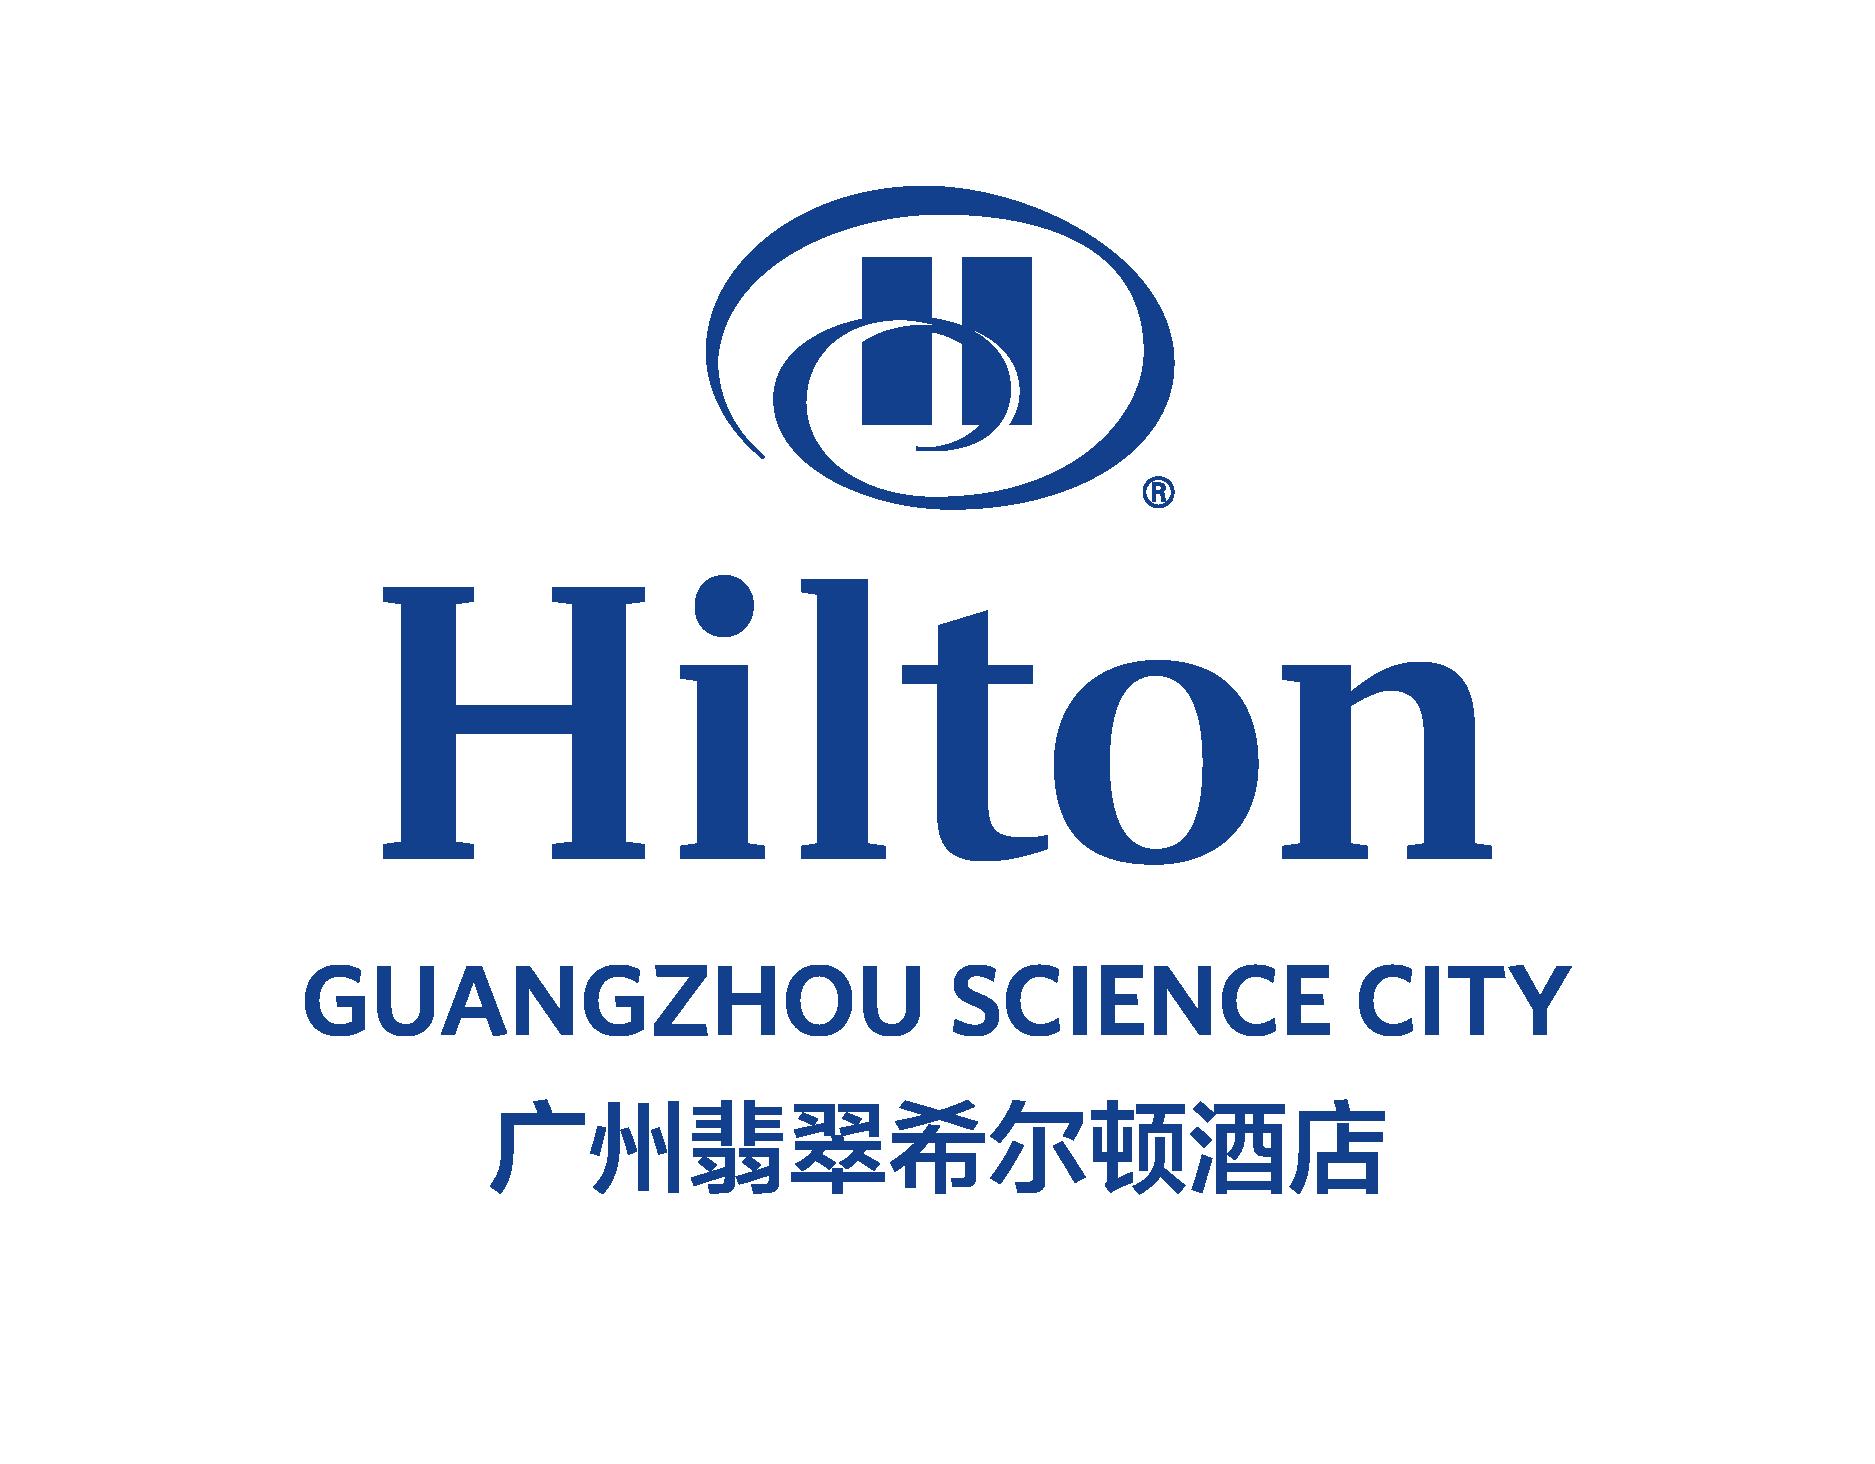 广州天马酒店有限公司翡翠希尔顿酒店